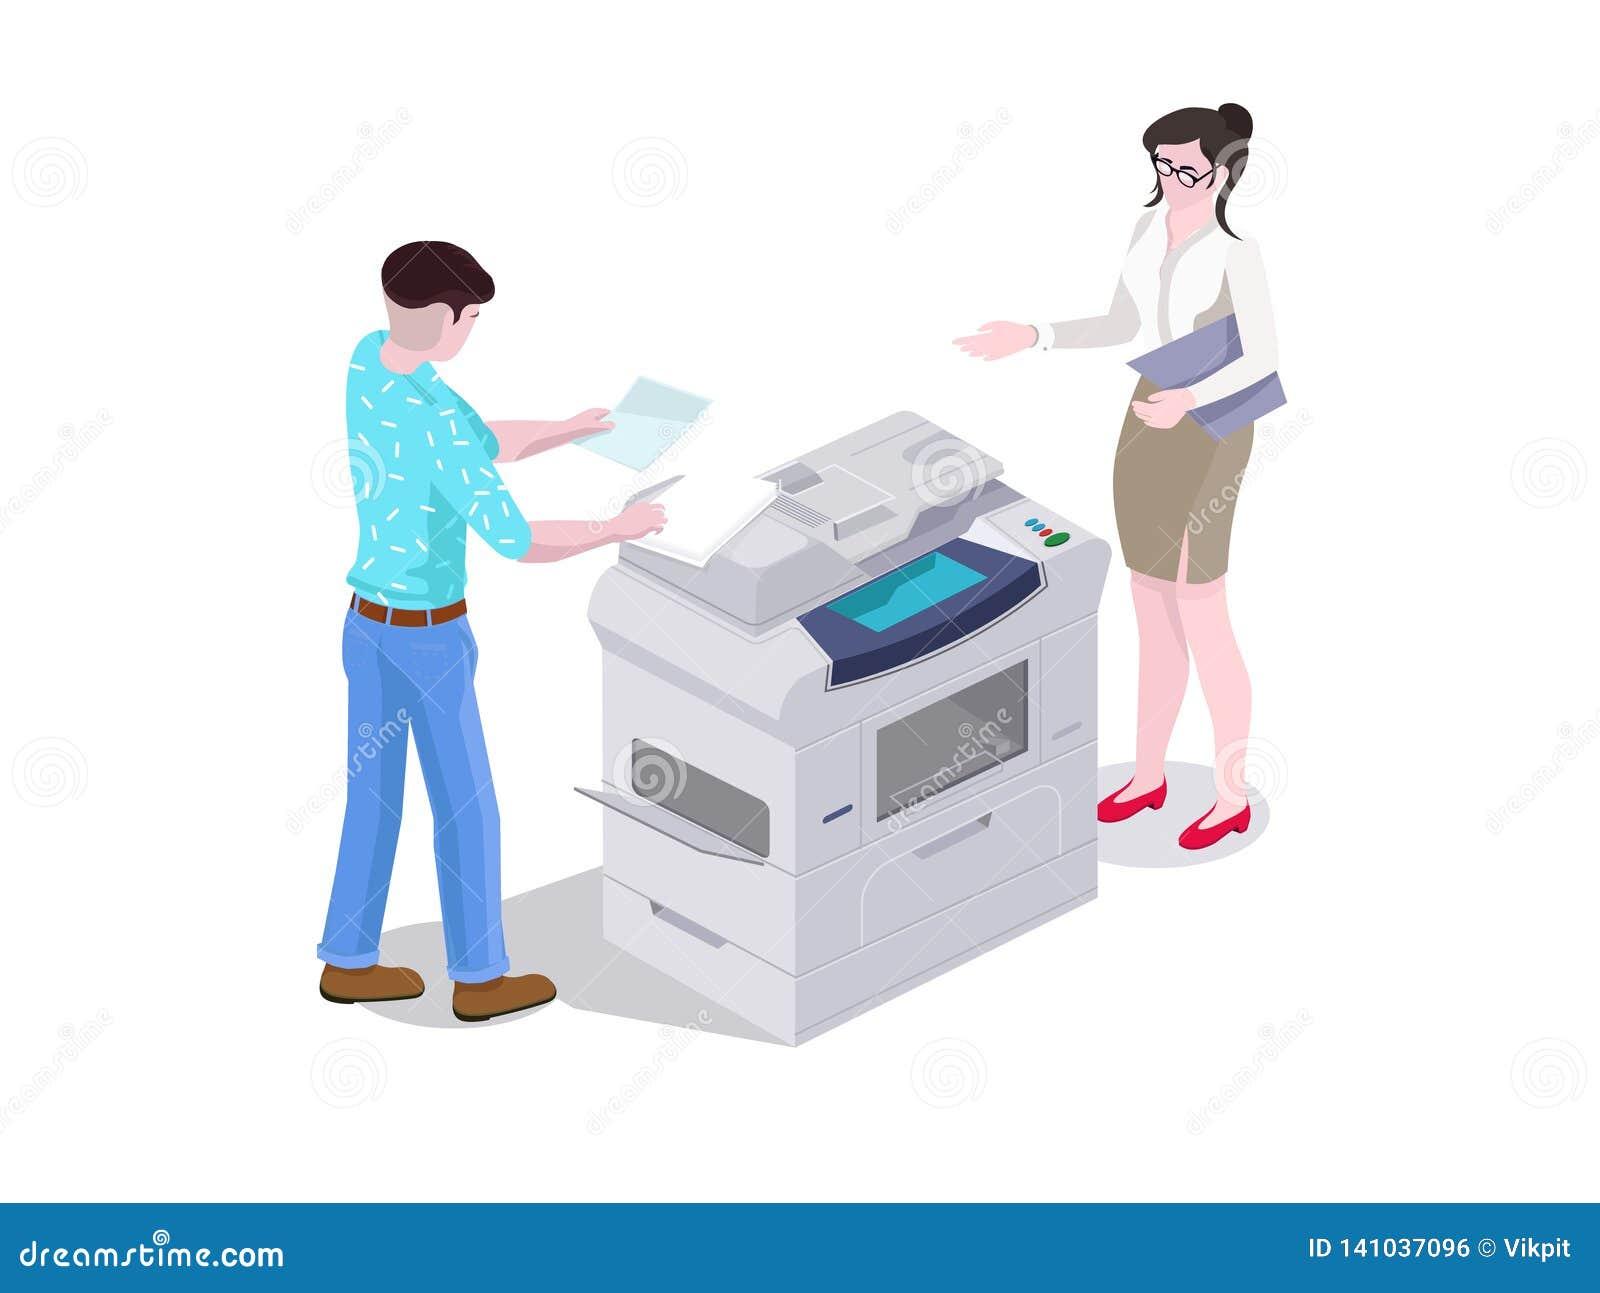 Isometrischer Mann der Zusammensetzung 3d und eine Frau im Bürodruck und die Dateien auf dem Drucker kopieren